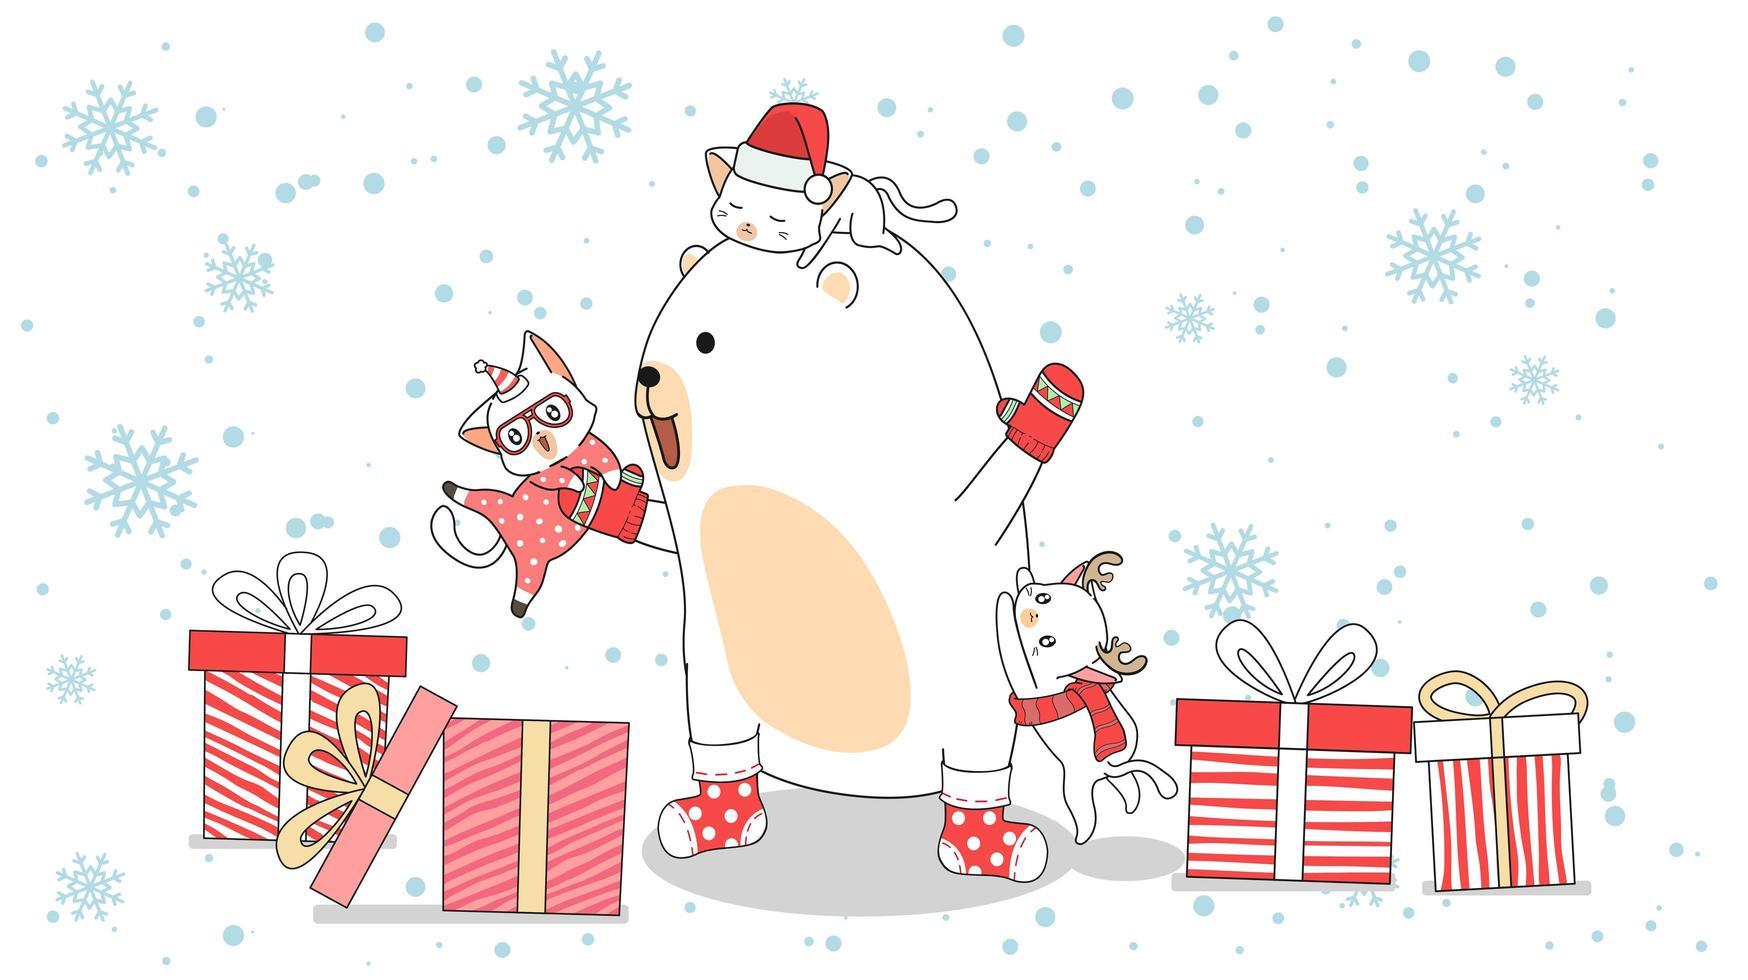 oso polar con gatos trepando sobre él en medio de regalos vector